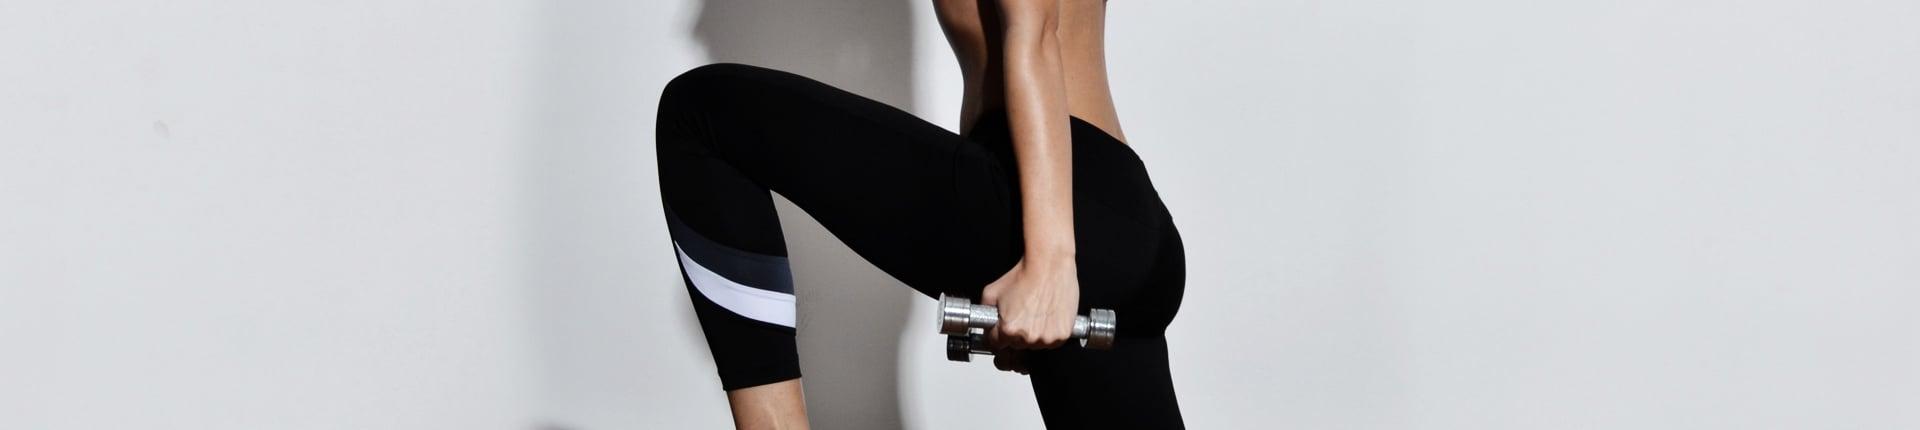 Wykroki - ćwiczenie na mięśnie czworogłowe czy pośladki?